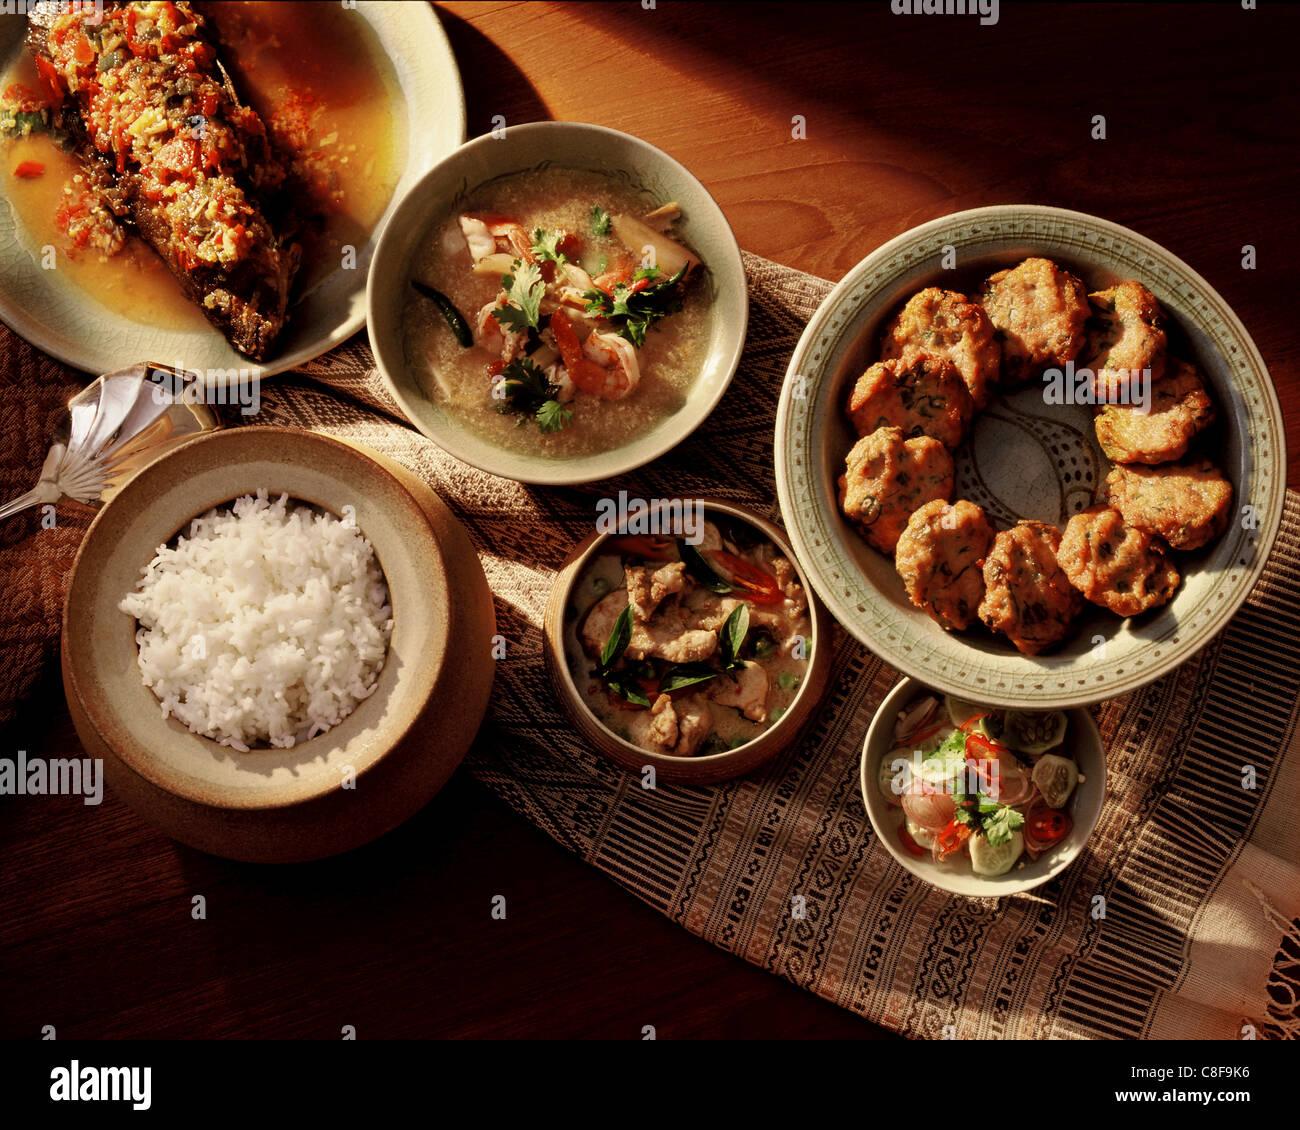 Repas thaïlandais,thom yam, soupe aigre-douce, poissons croquettes de poisson, un plat de curry et riz, Thaïlande Banque D'Images